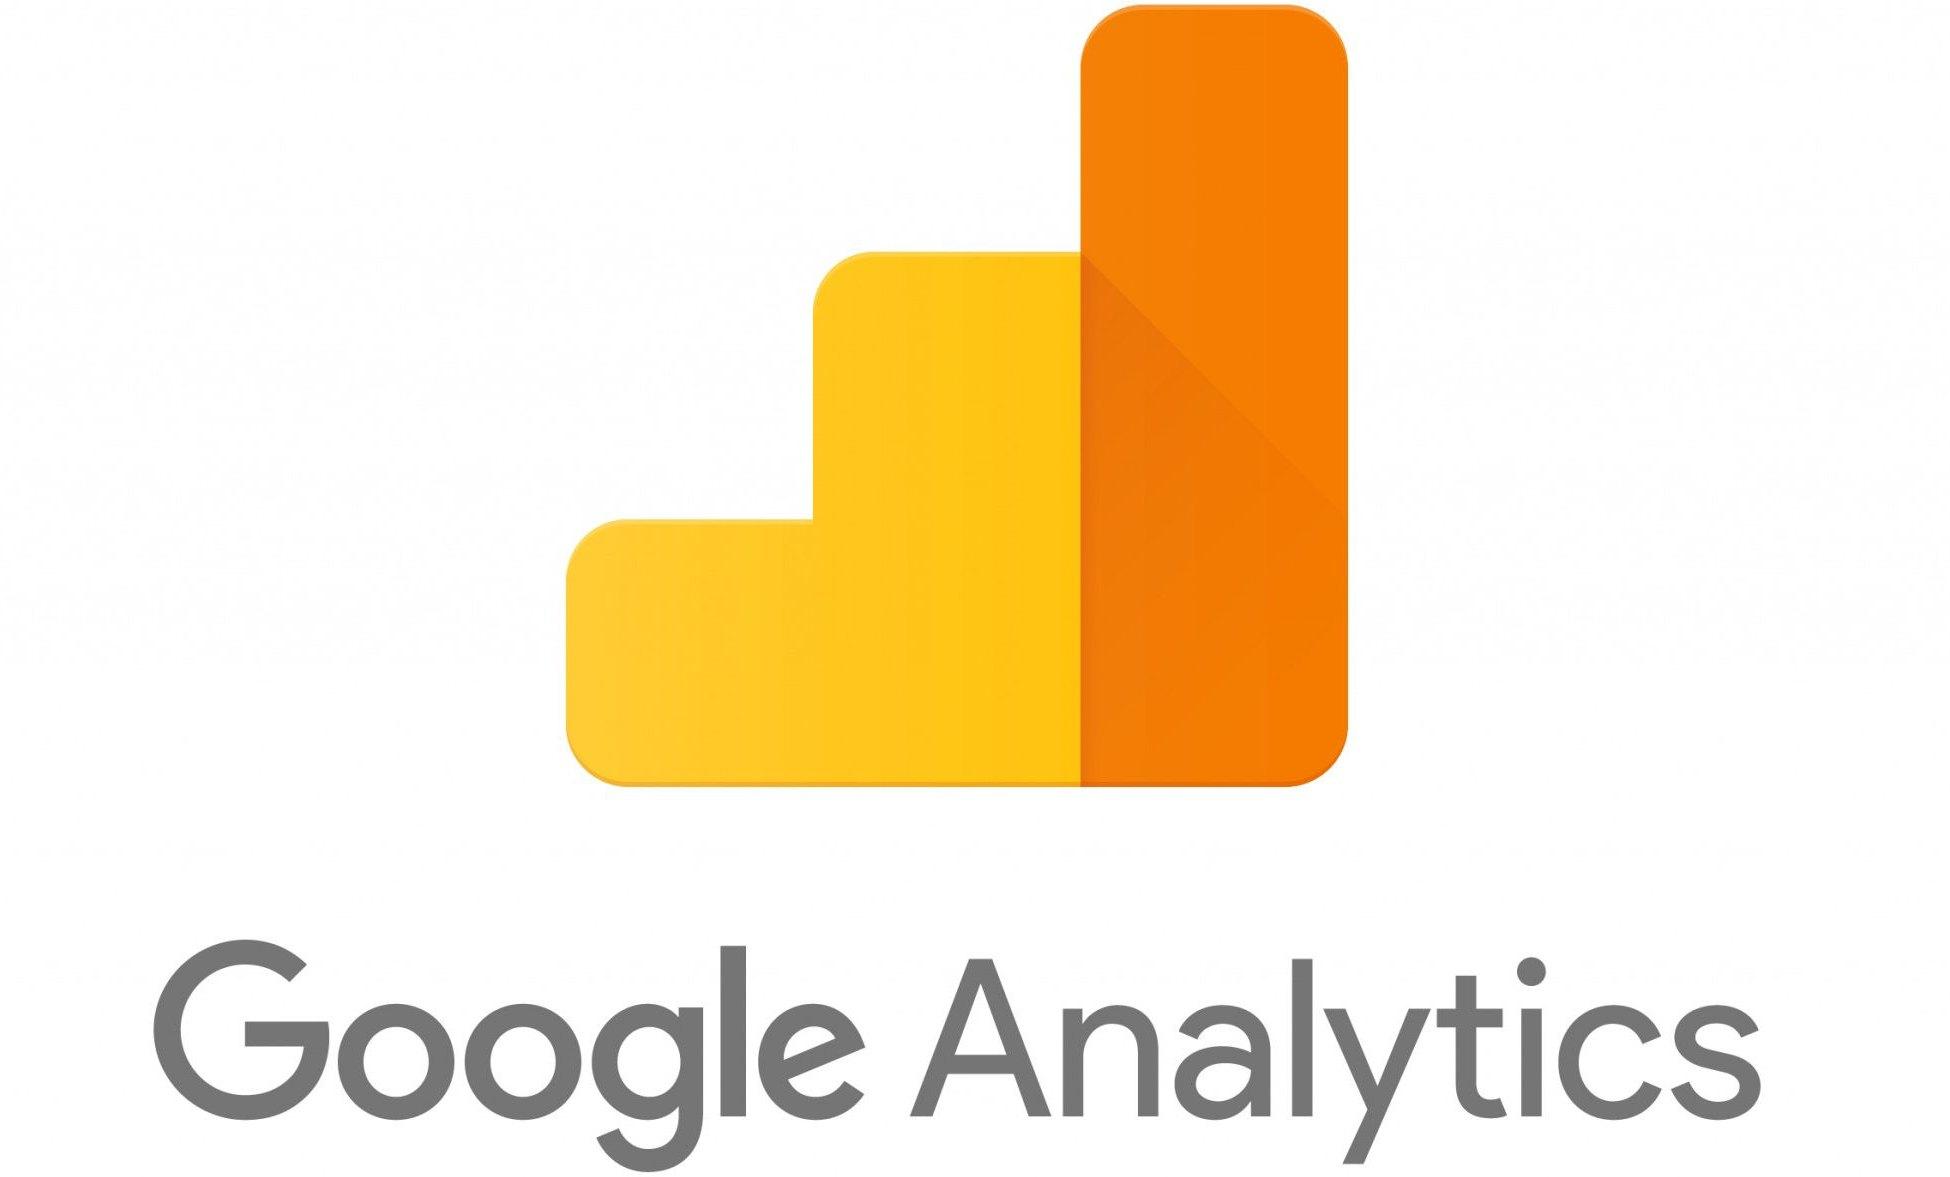 Googleアナリティクス, 内部エラー